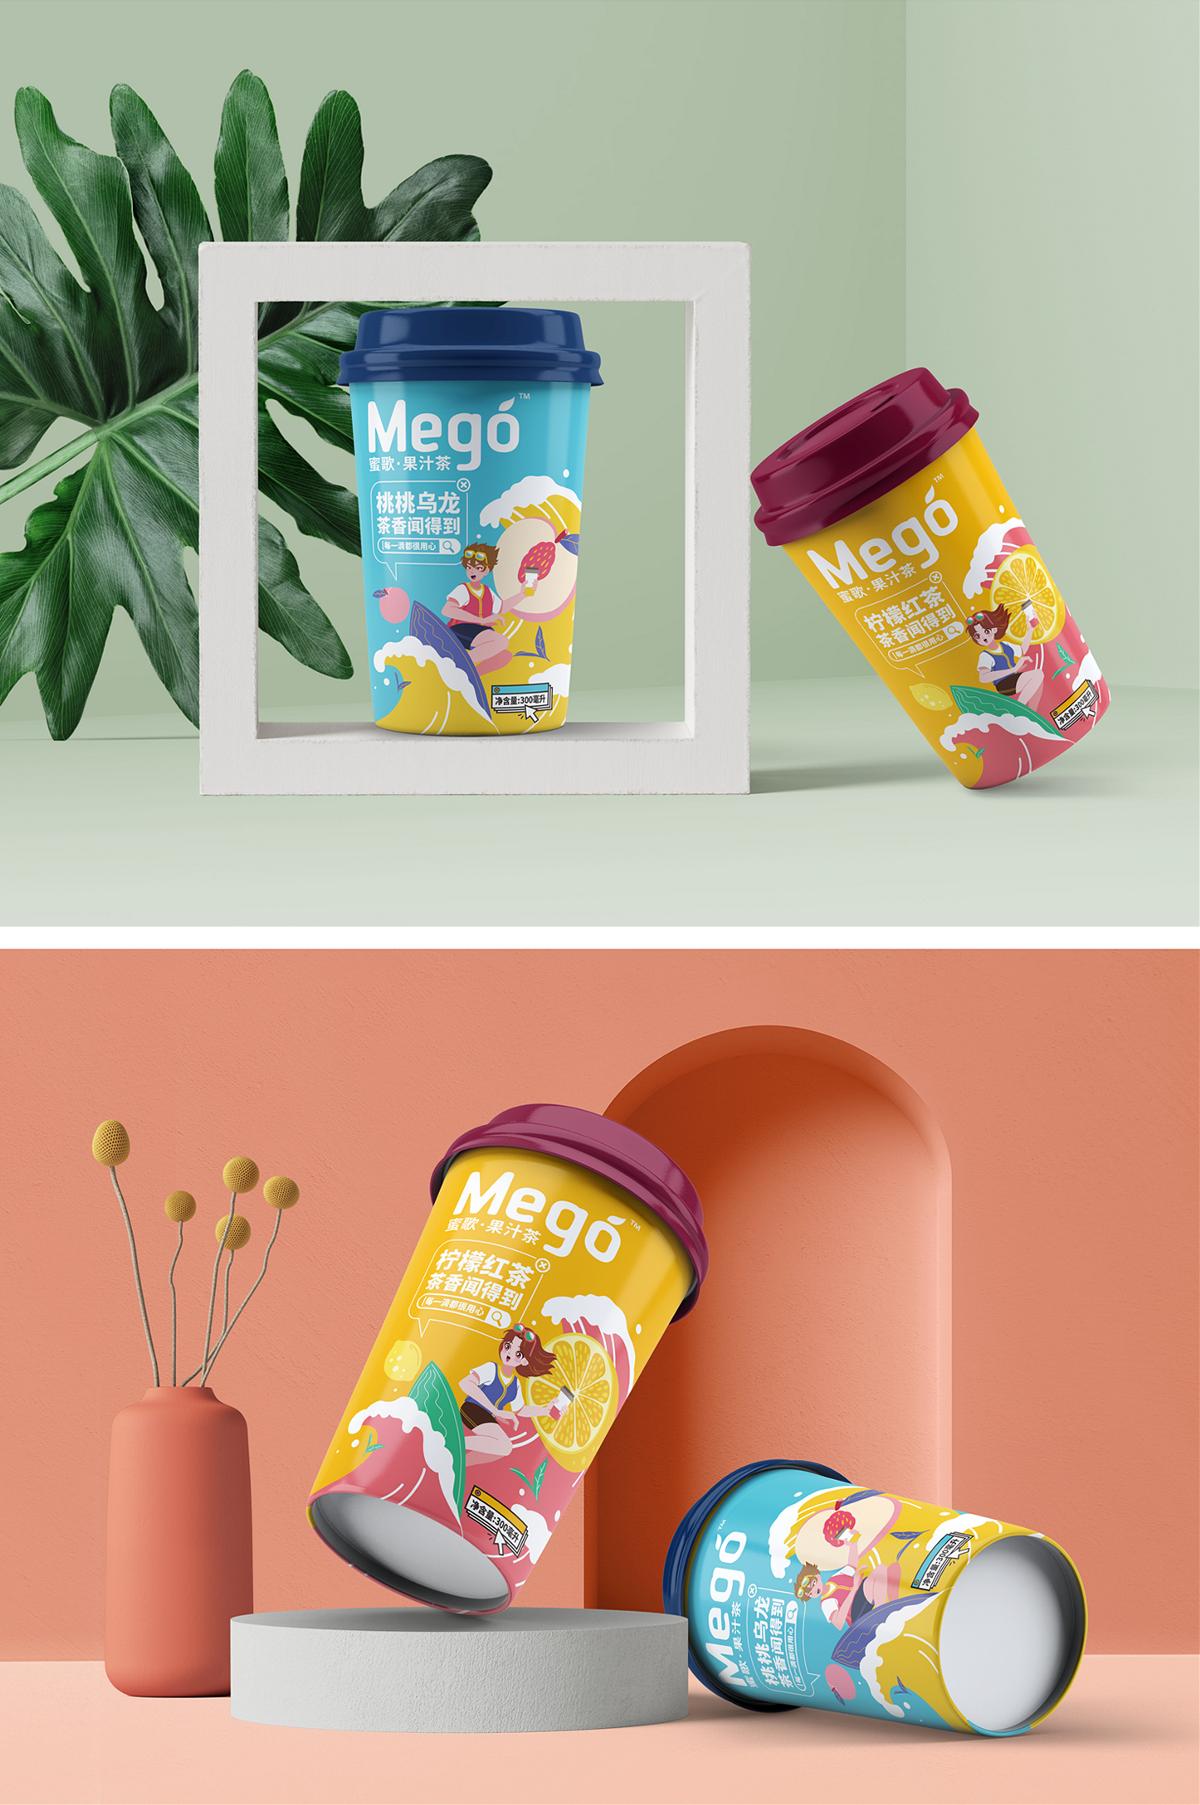 善行研创一Mego蜜歌果汁茶饮料包装设计